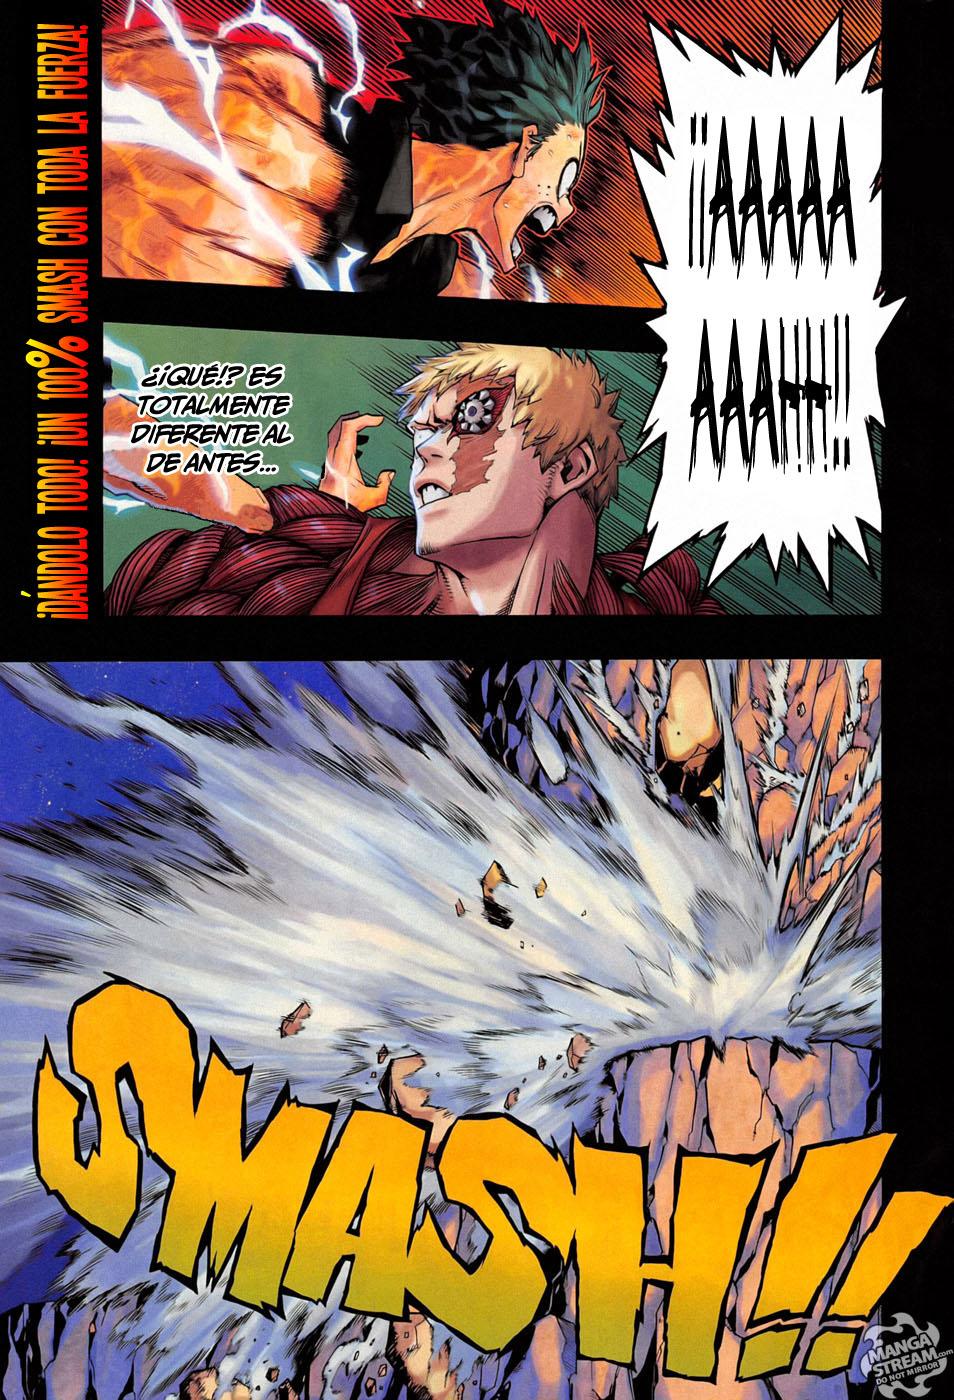 http://c5.ninemanga.com/es_manga/54/182/440380/54bff62713e574c1097f56646402832a.jpg Page 4